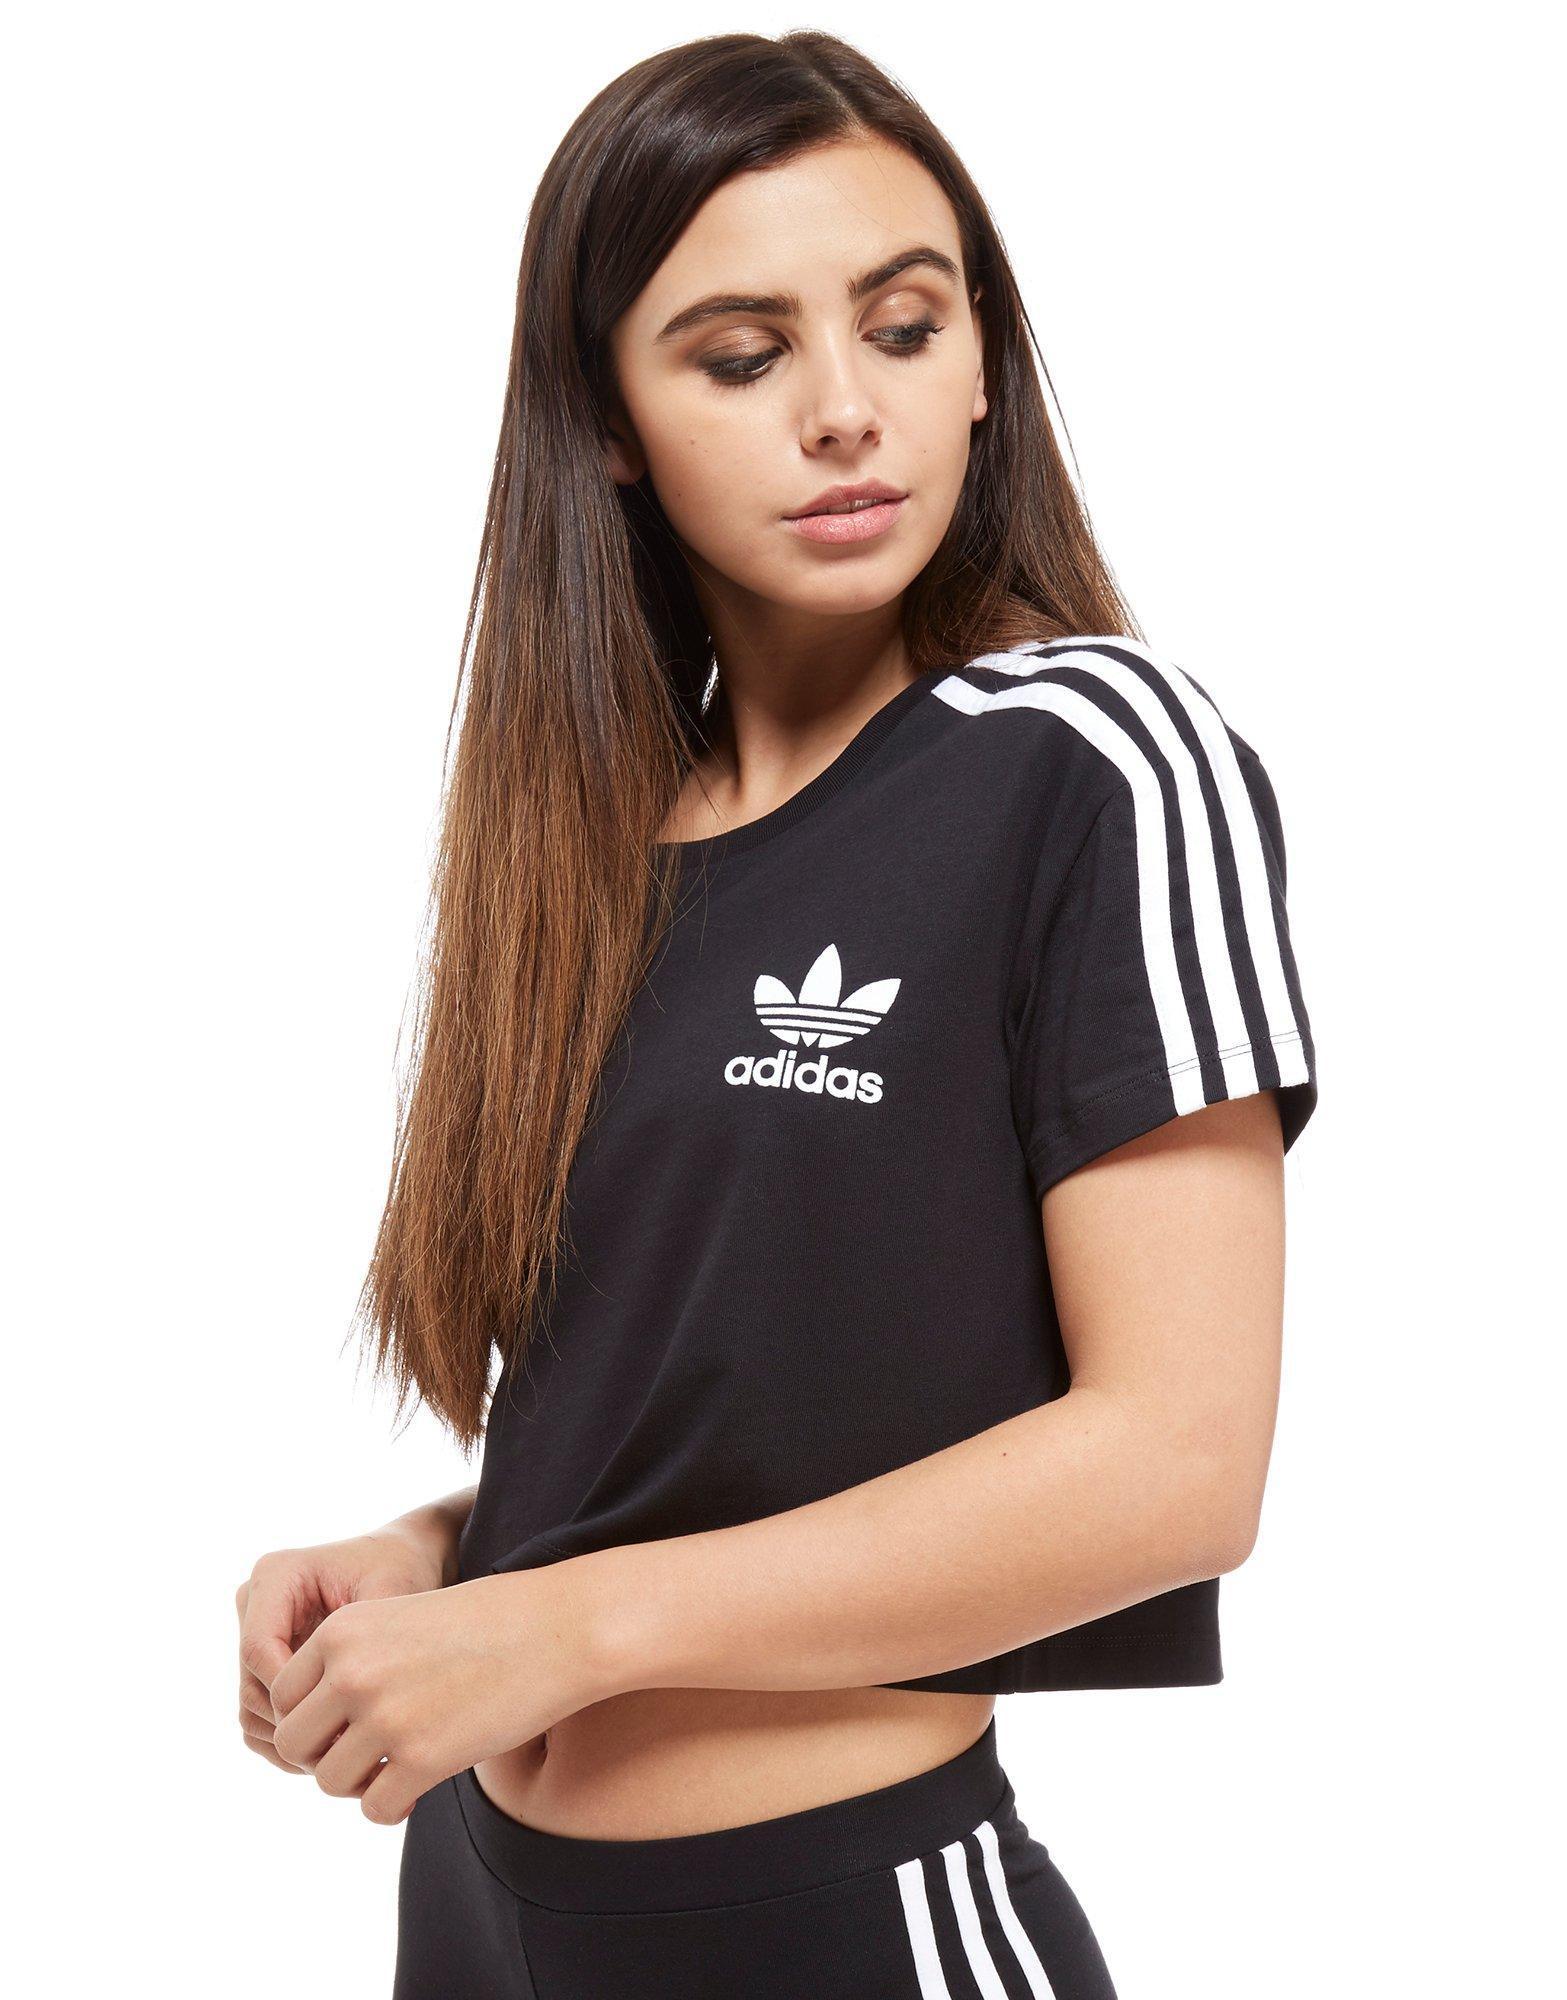 adidas t shirt jd sports